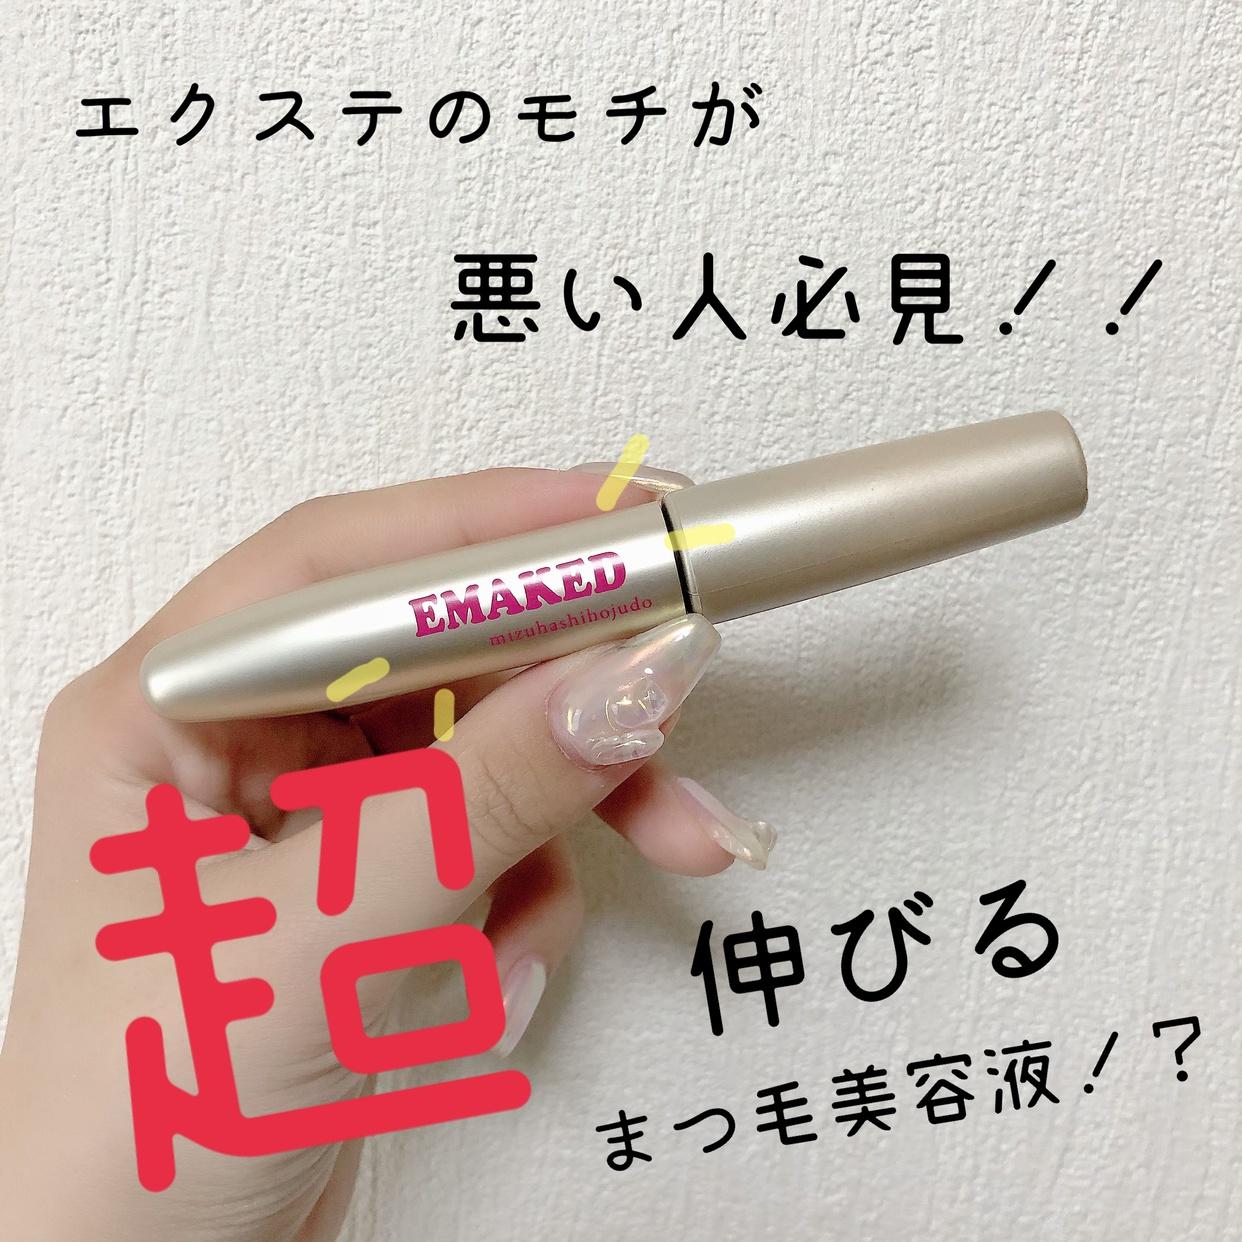 水橋保寿堂製薬 EMAKED(エマーキット)の良い点・メリットに関するぴょんさんの口コミ画像1